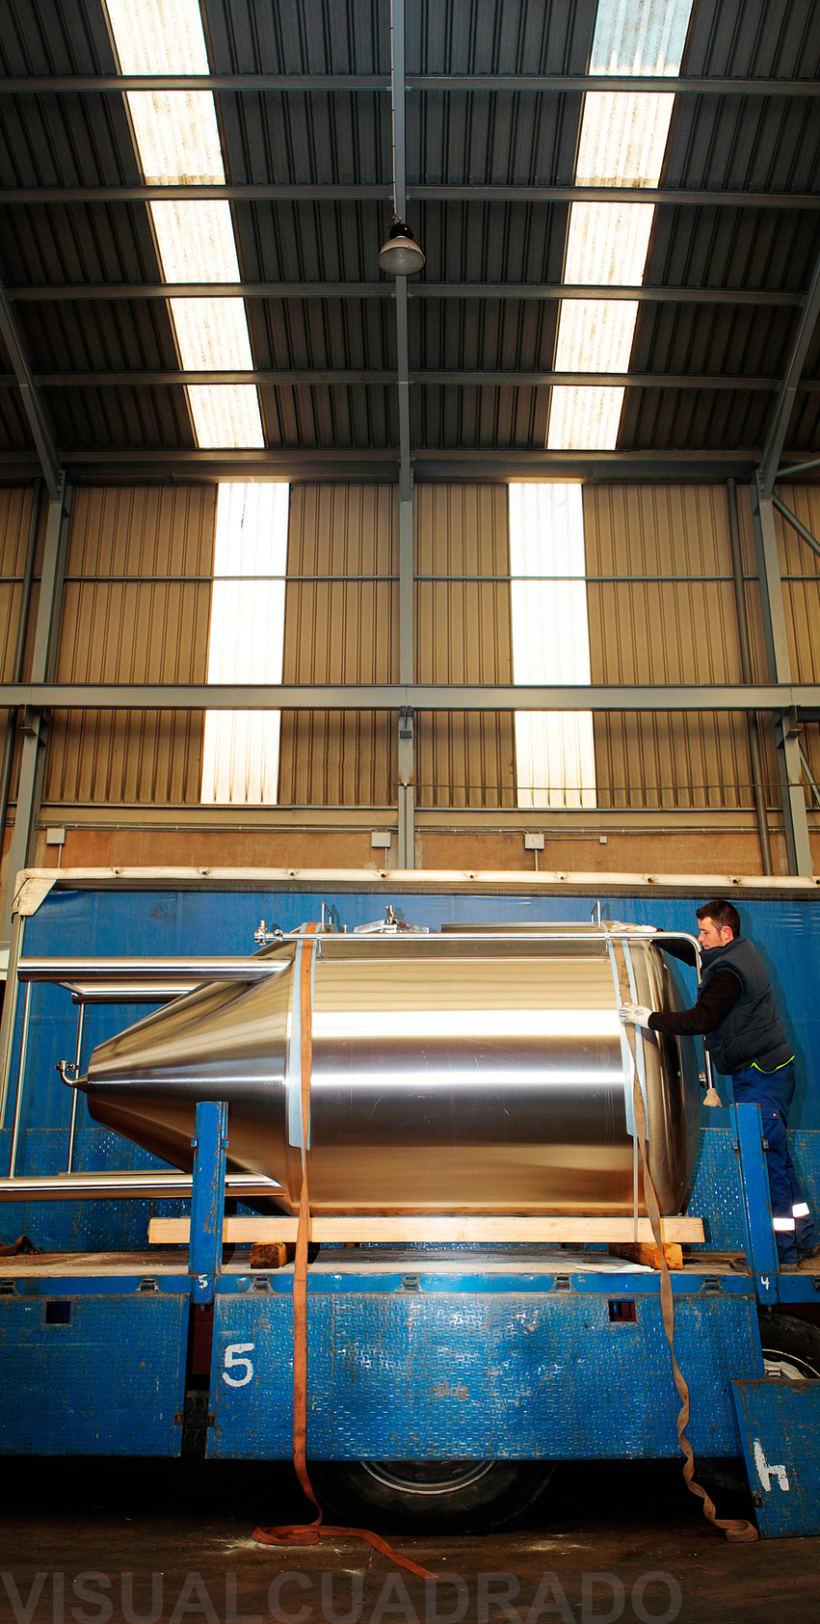 Fotografía Industrial. Moritz 6